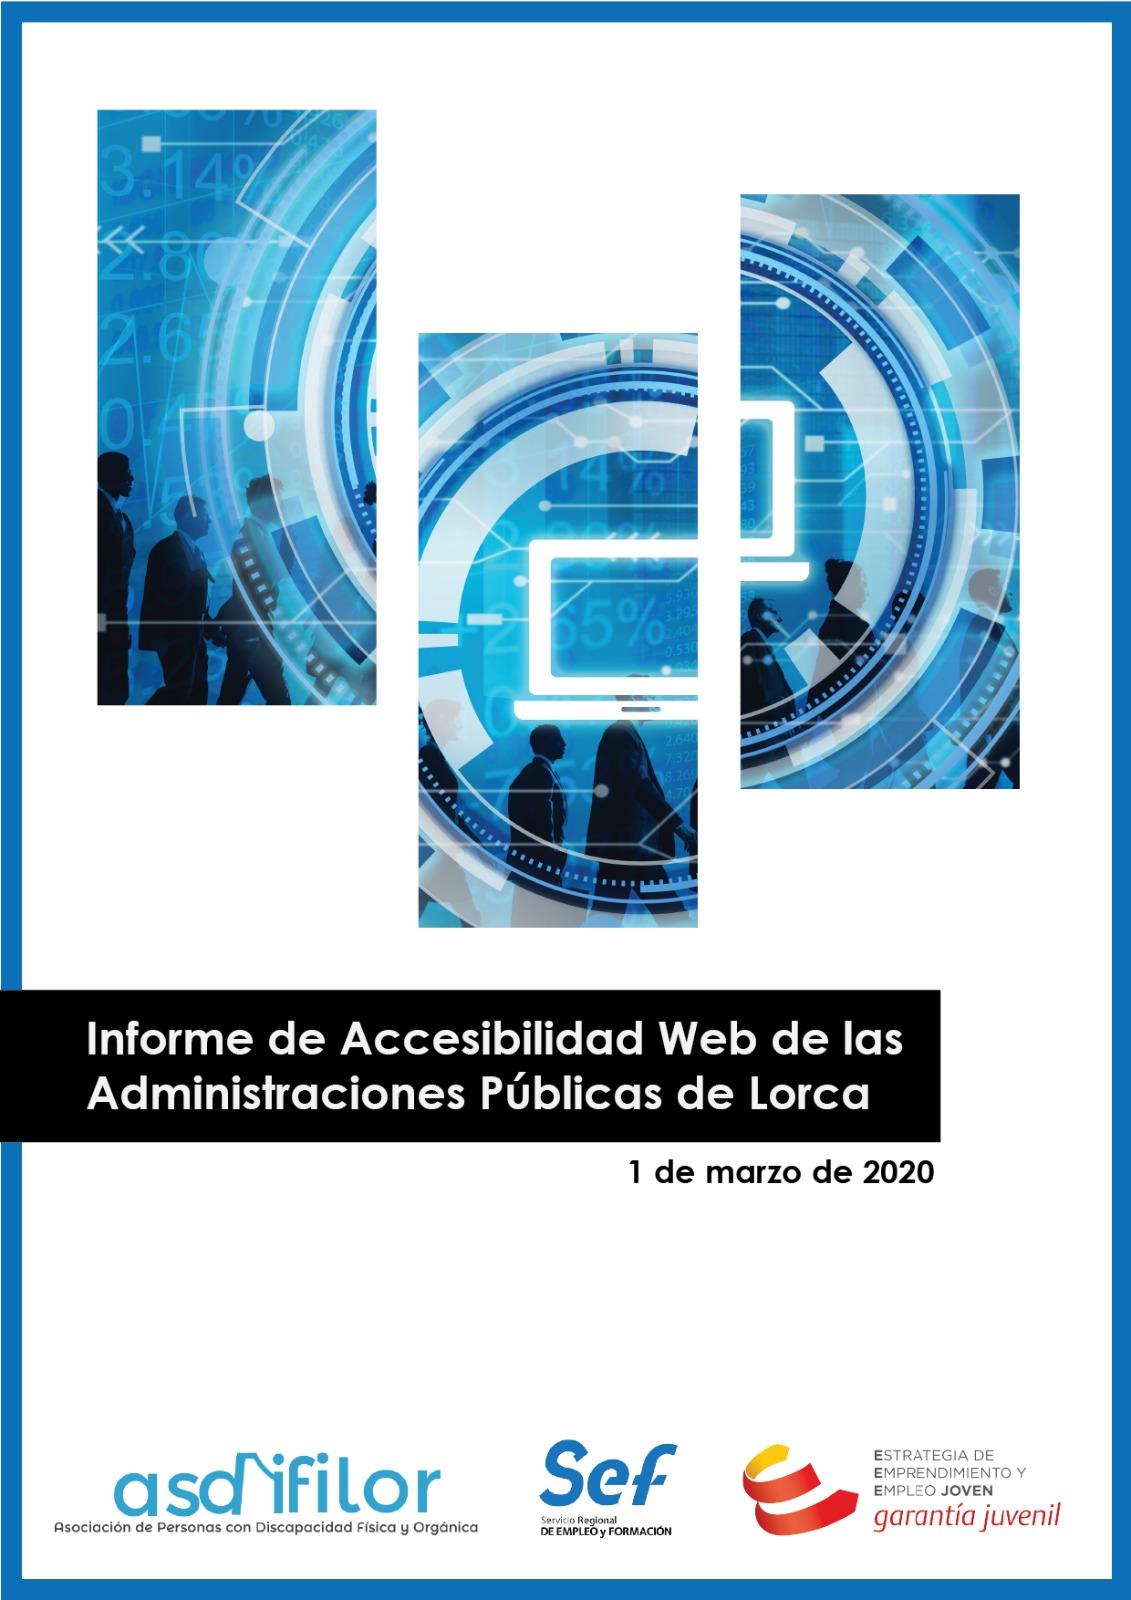 accesibilidad de páginas web